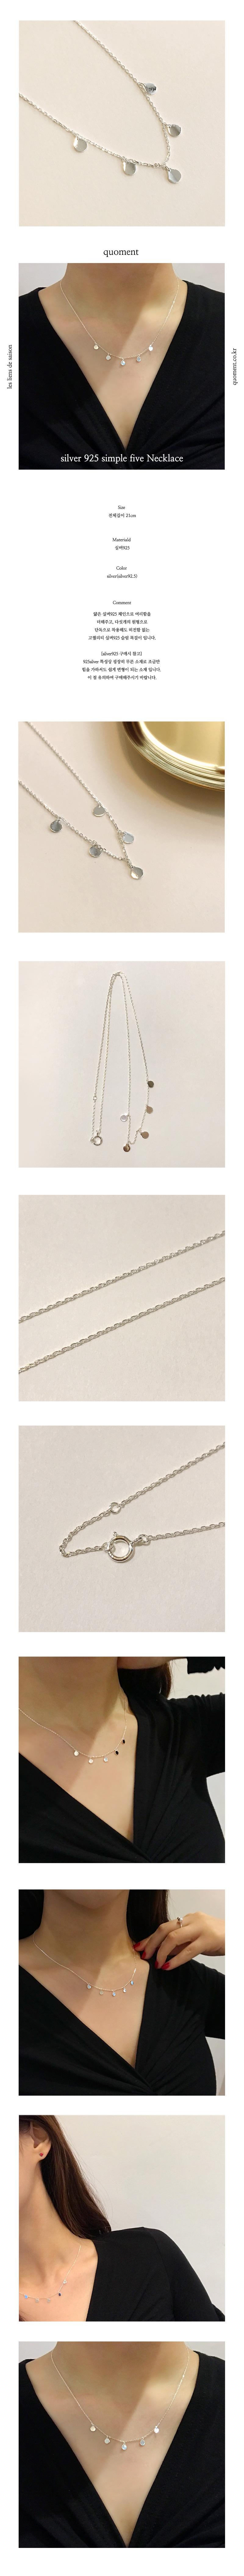 silver925 심플 파이브 원형 은목걸이 - 쿼먼트, 27,500원, 실버, 펜던트목걸이